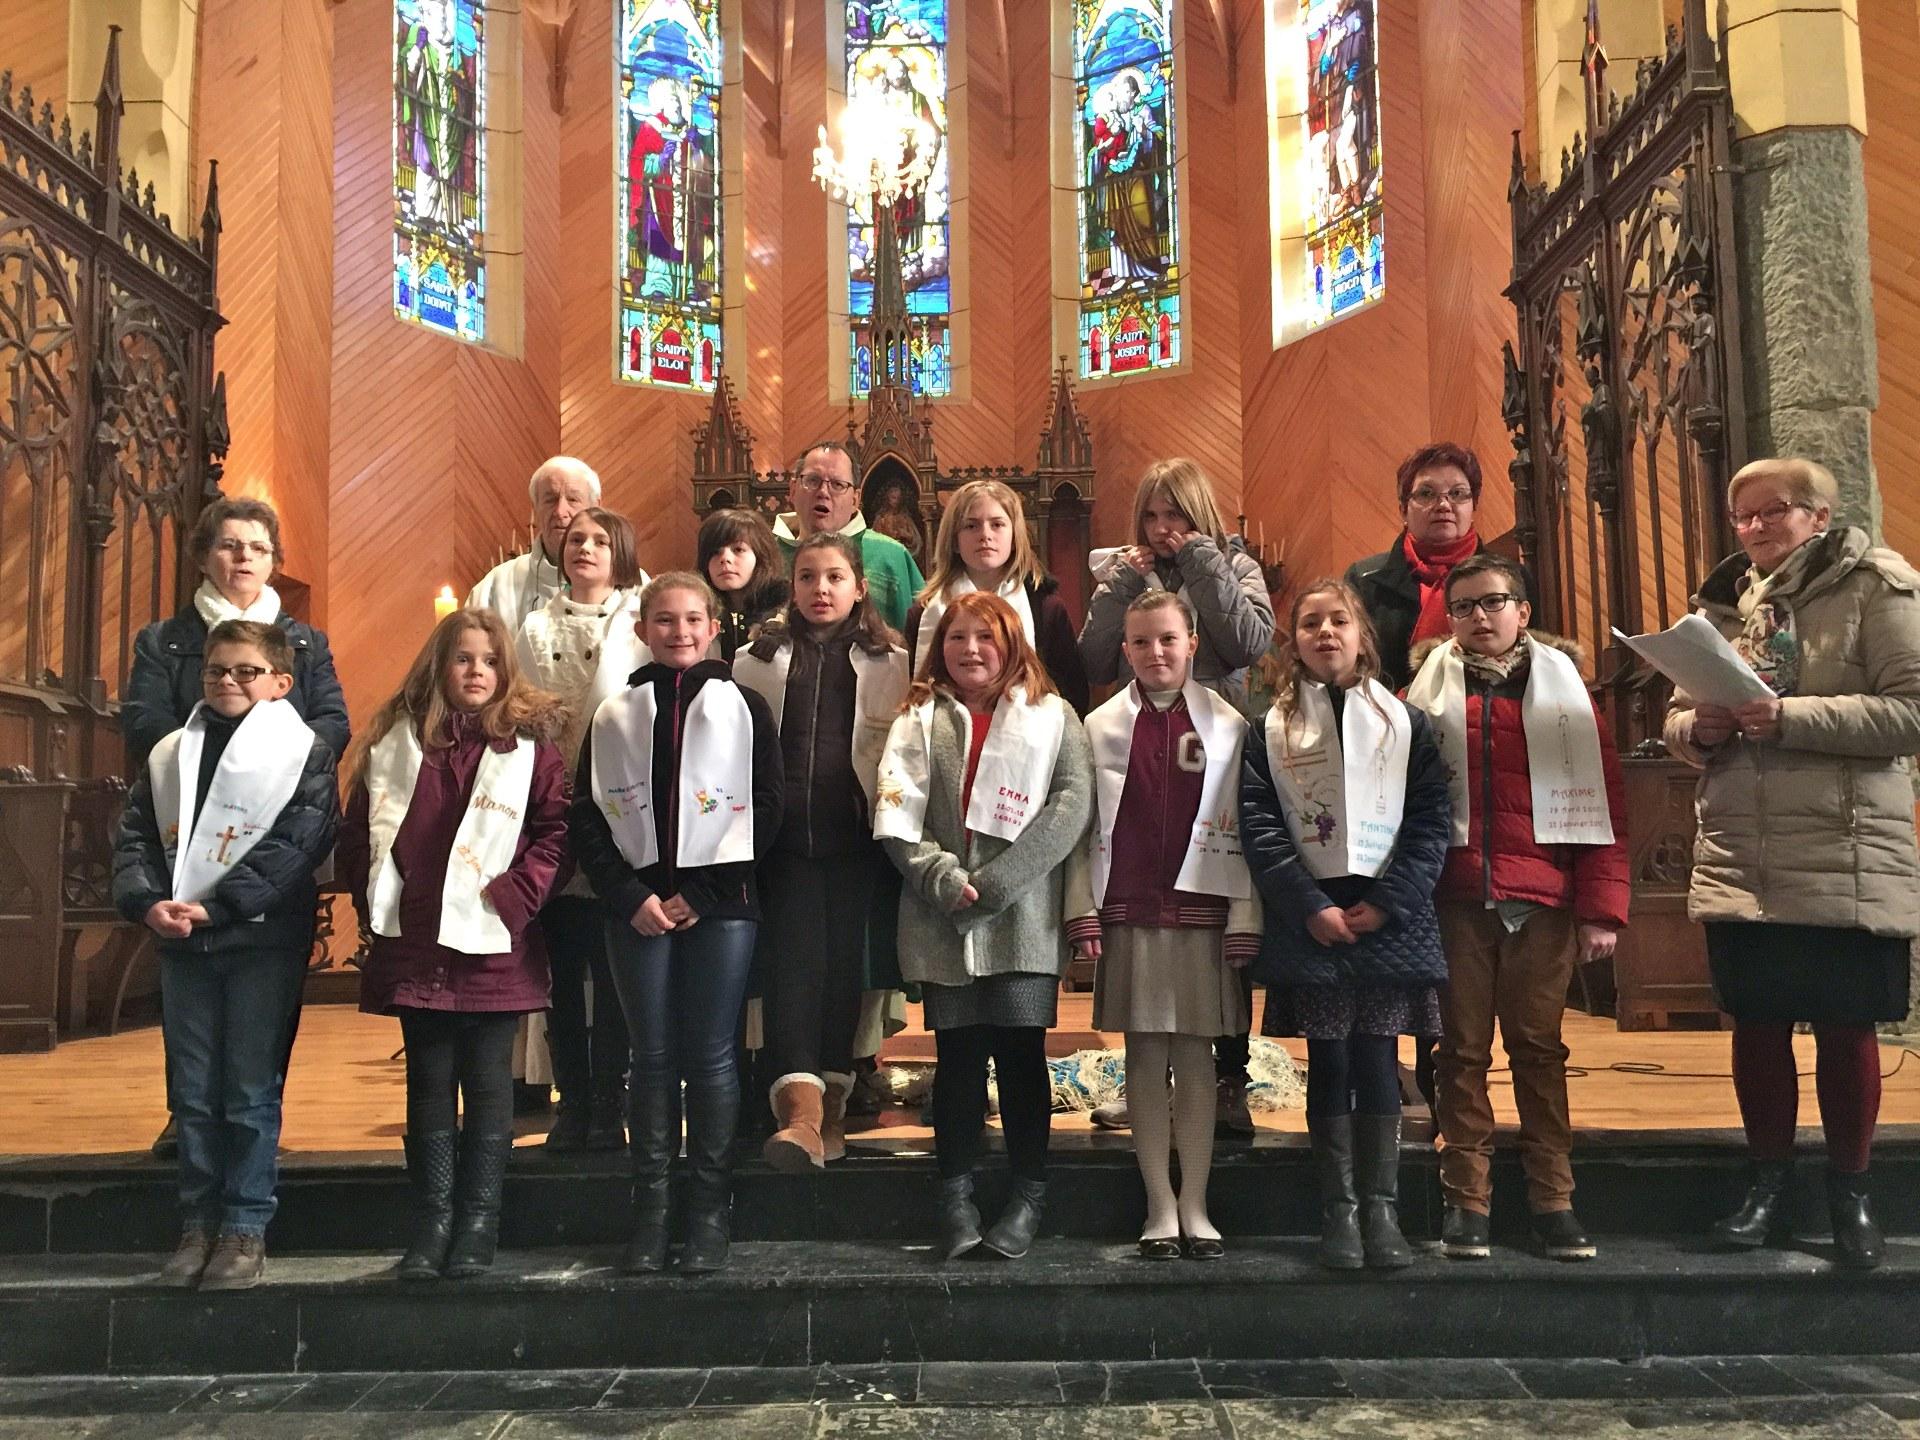 2017-01-22 - Premie#res communions a# Vieux-Reng -